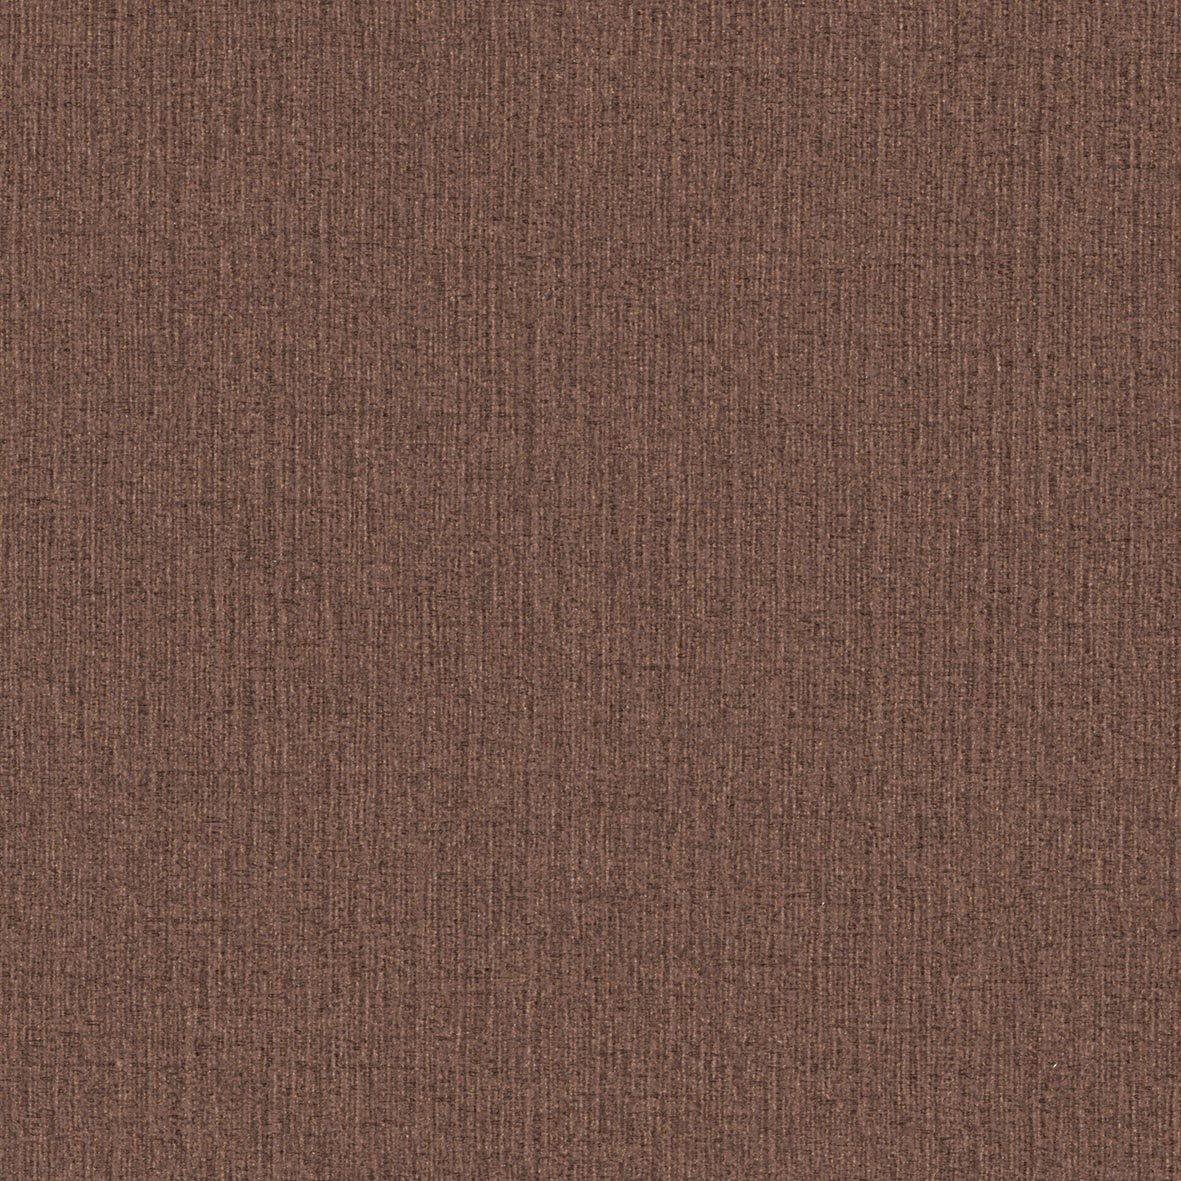 リリカラ 壁紙33m モダン 和紙調 ブラウン 撥水トップコートComfort Selection-消臭- LW-2067 B076135ZXY 33m|ブラウン